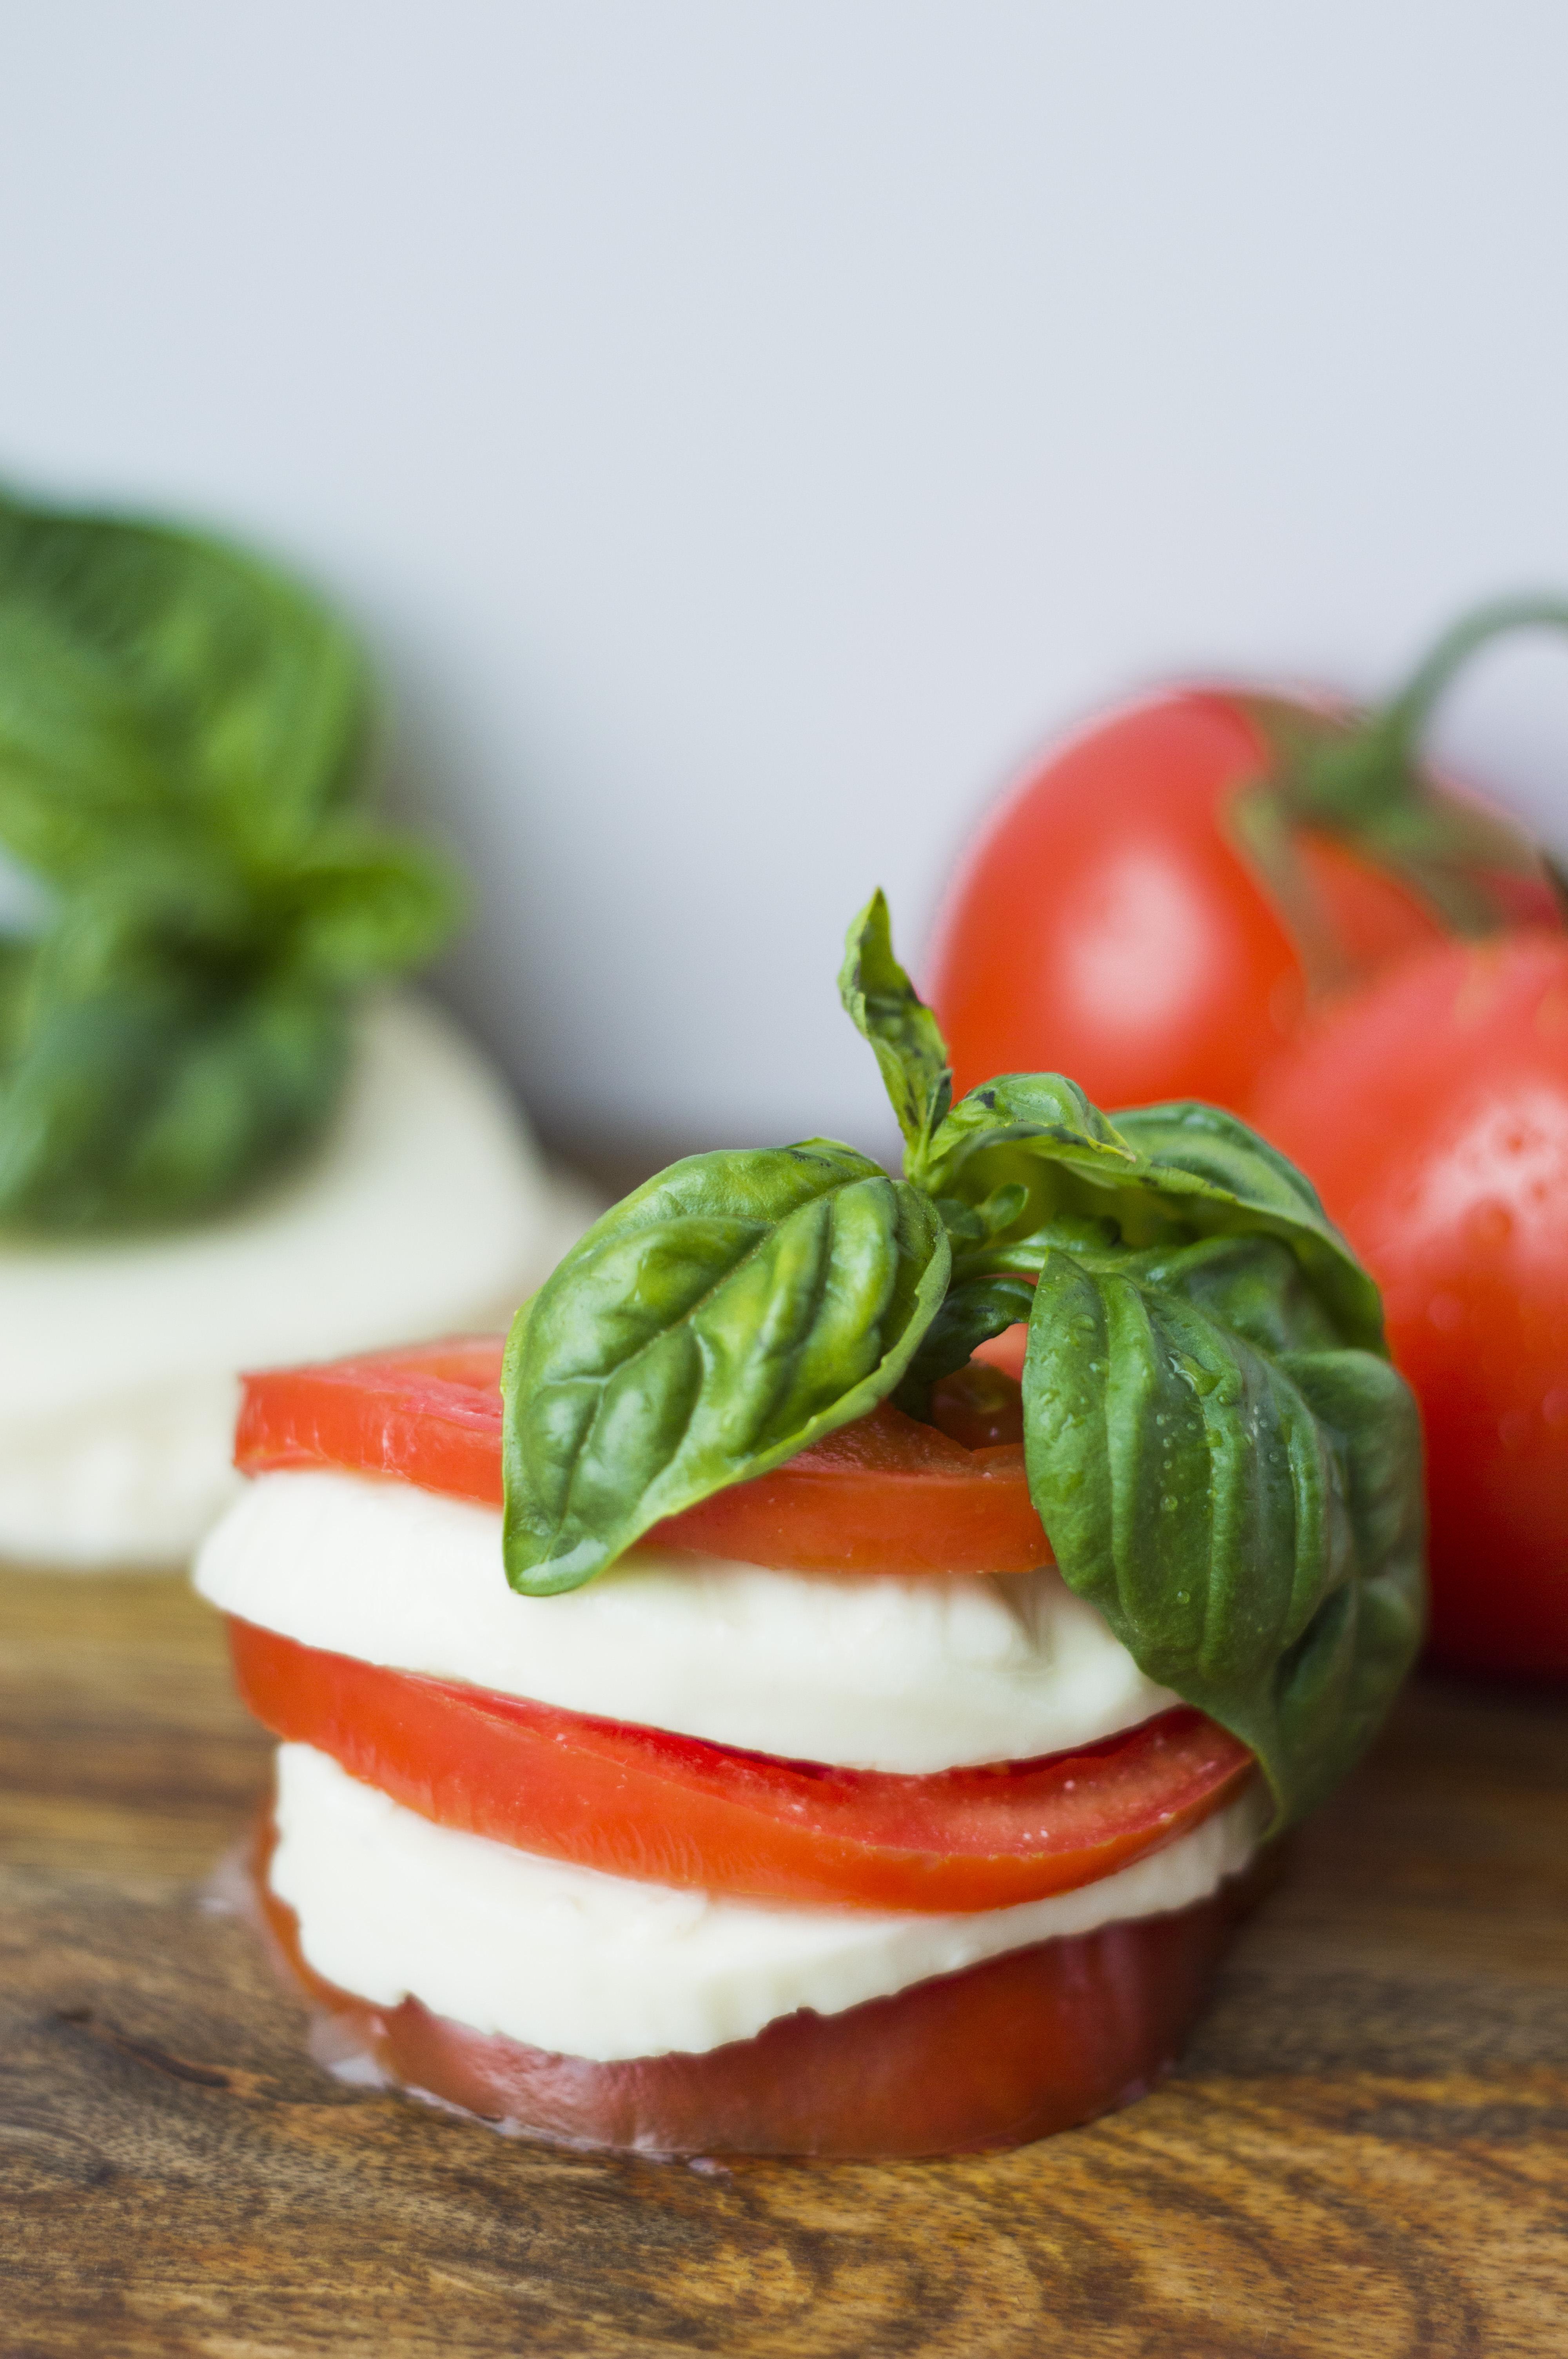 Tomato|Mozzarella|Basil